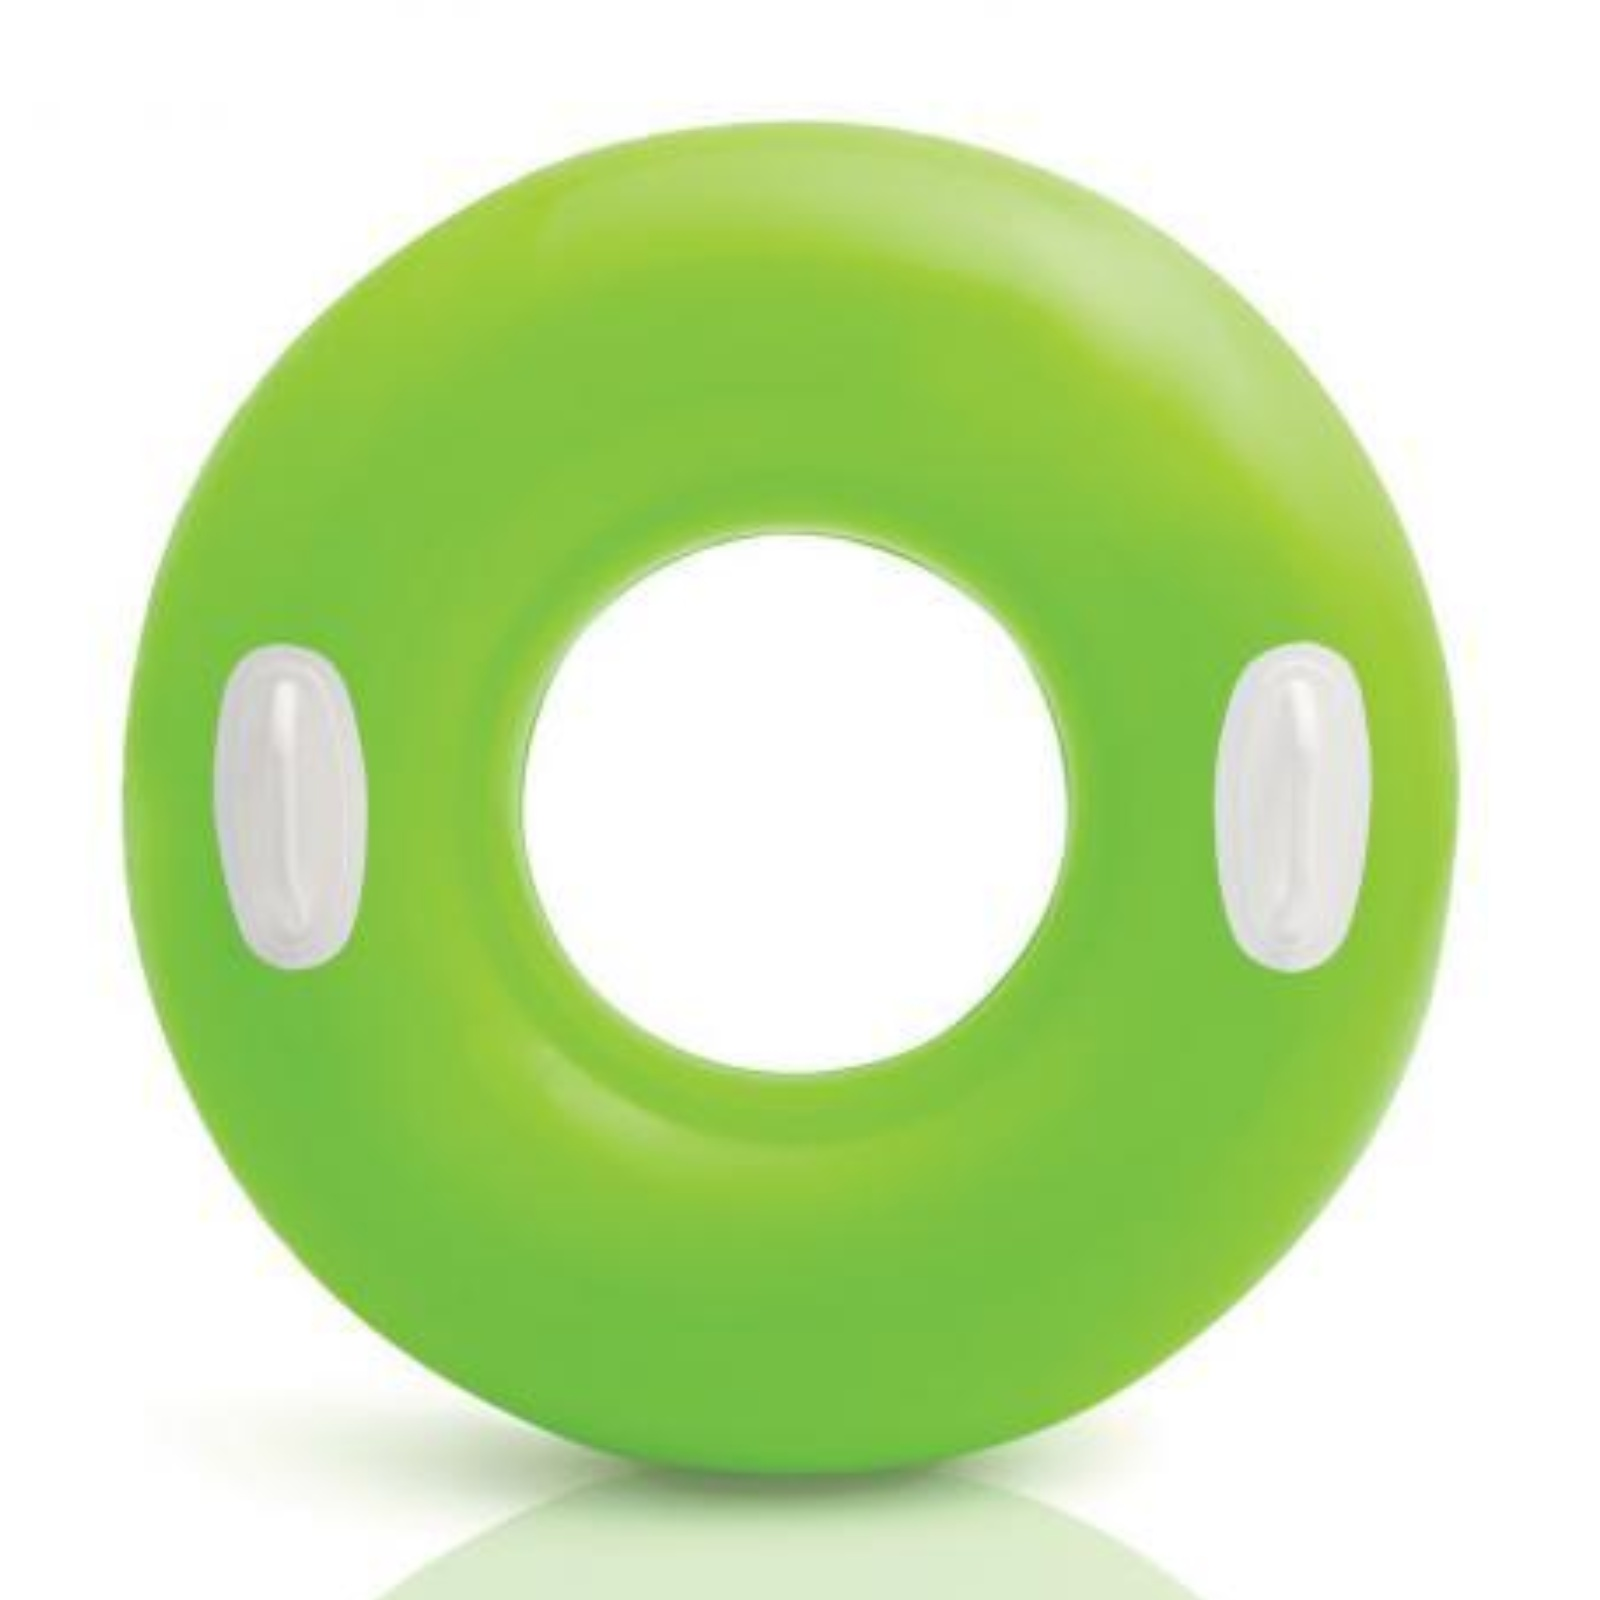 Nafukovací kruh s držadlem 76 cm - zelený